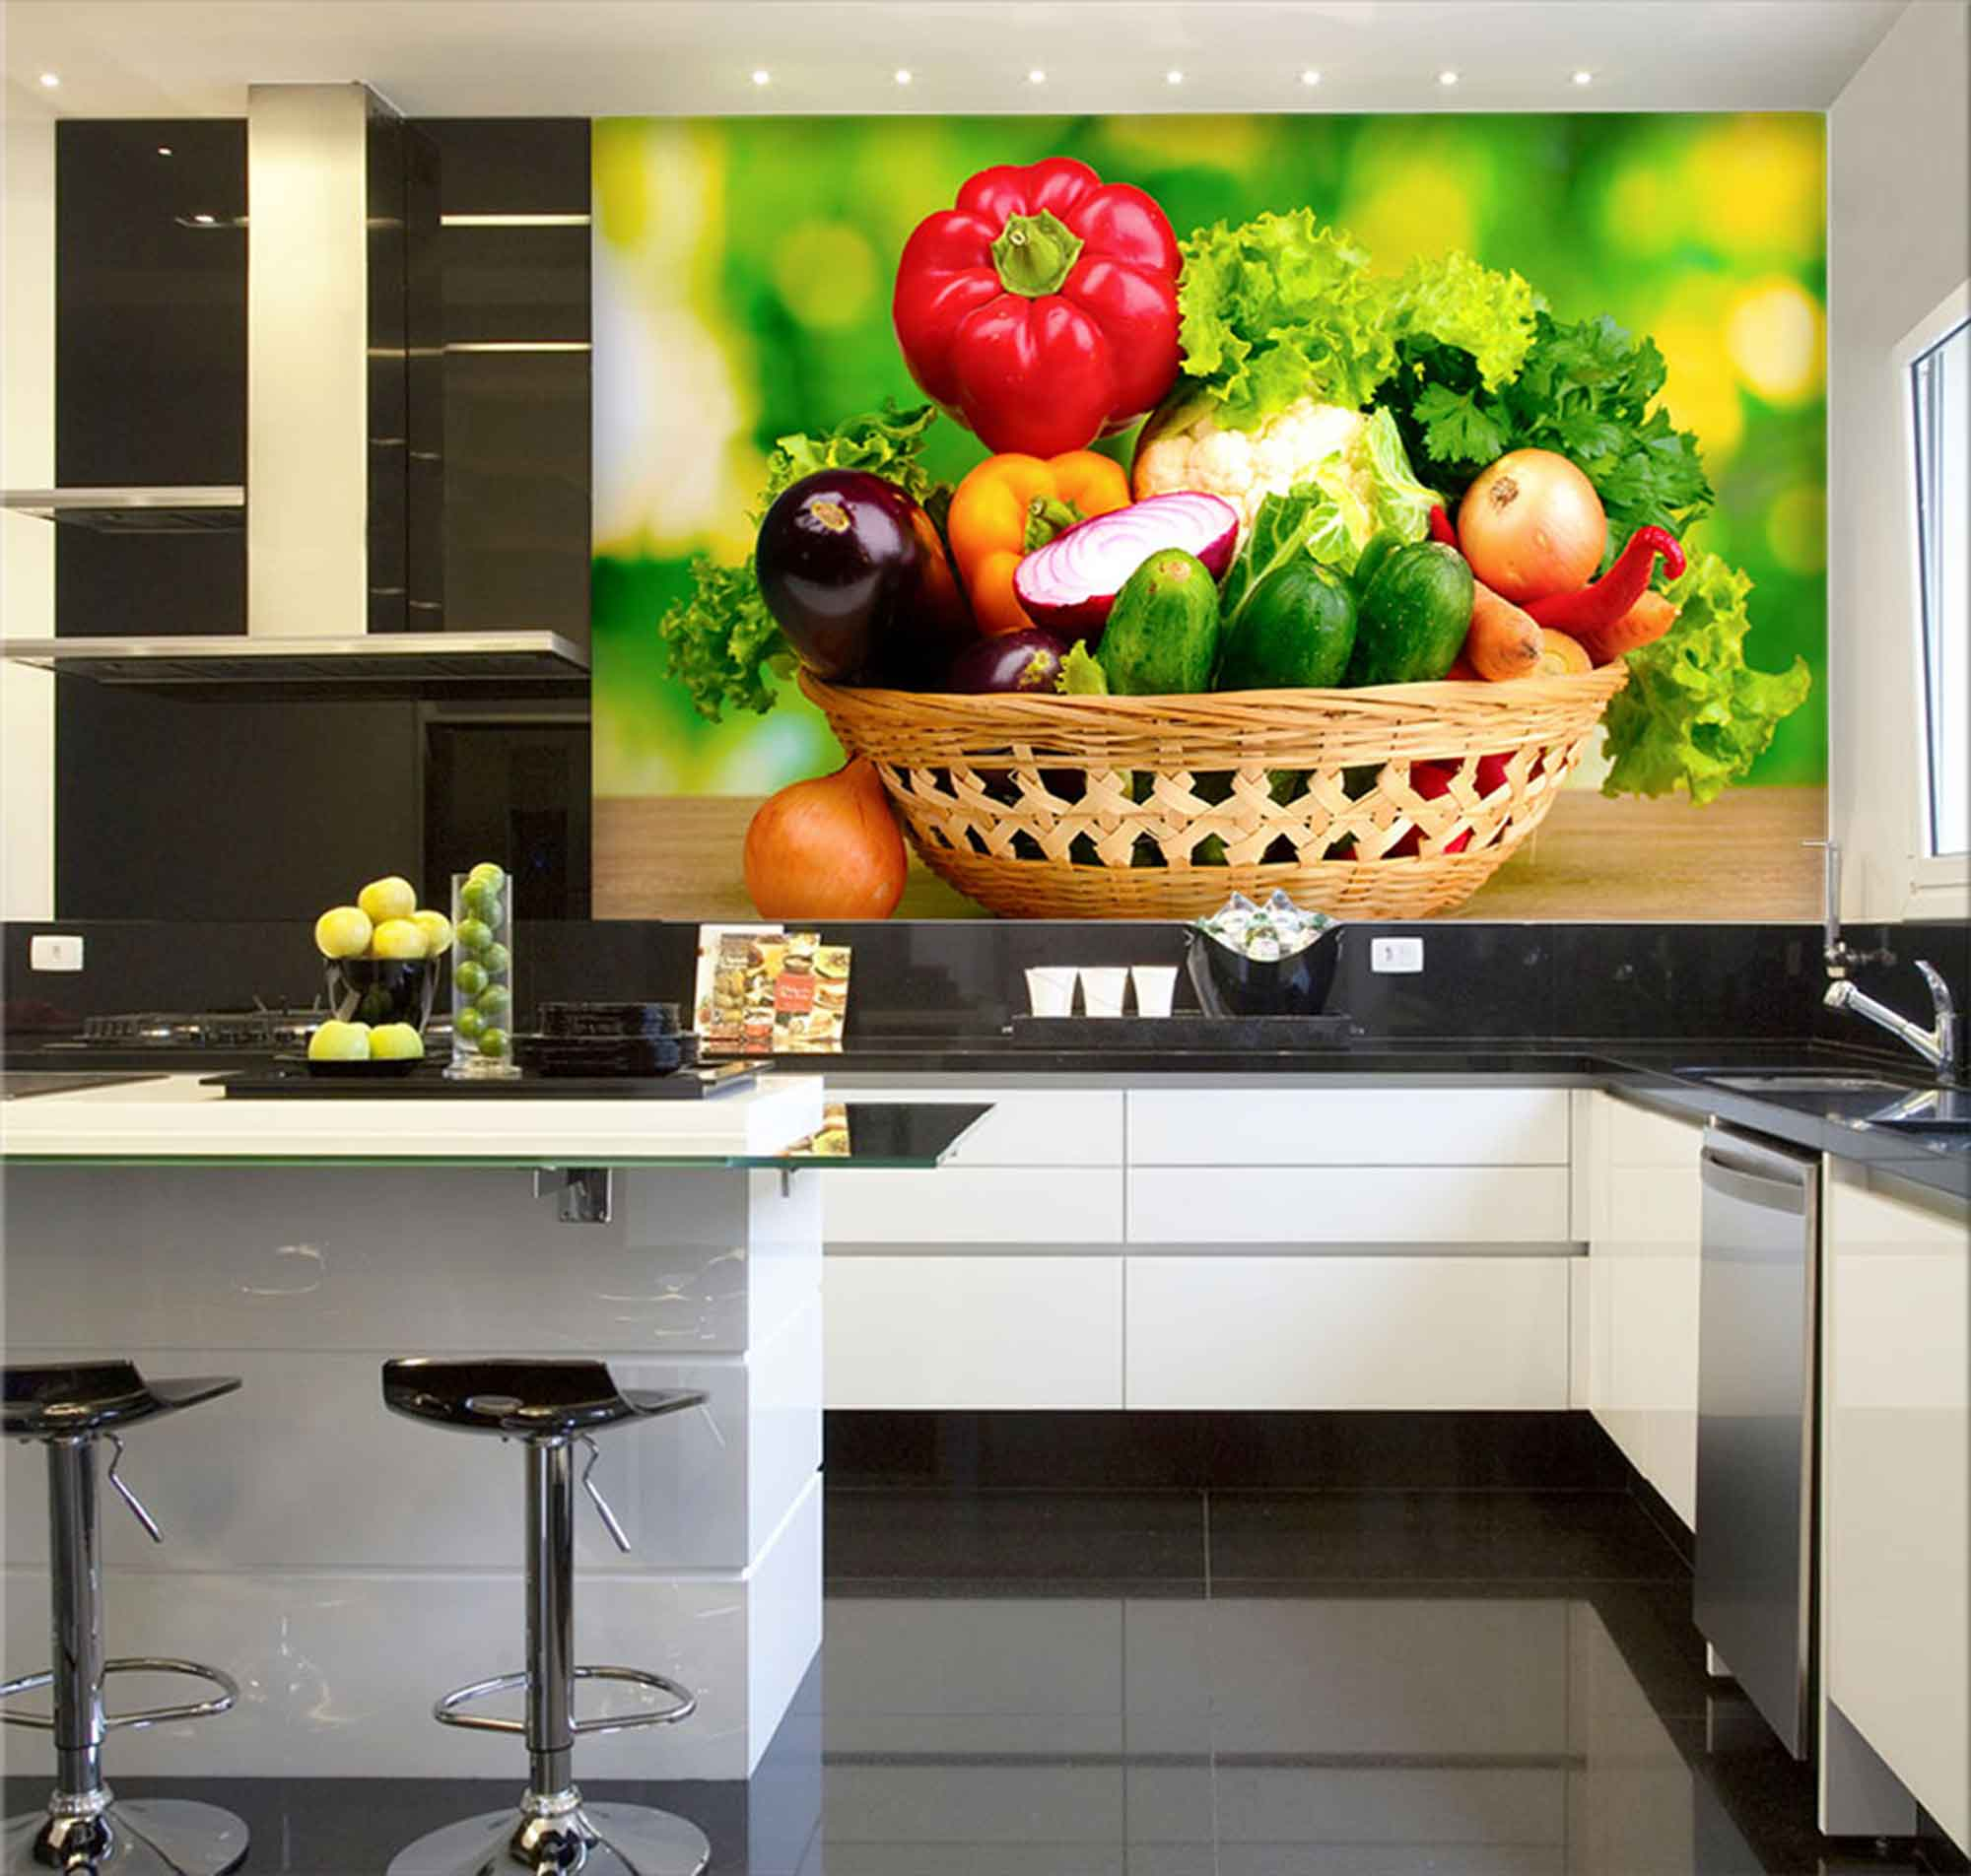 Papel De Parede Para Cozinha 0007 - Sobmedida: m²